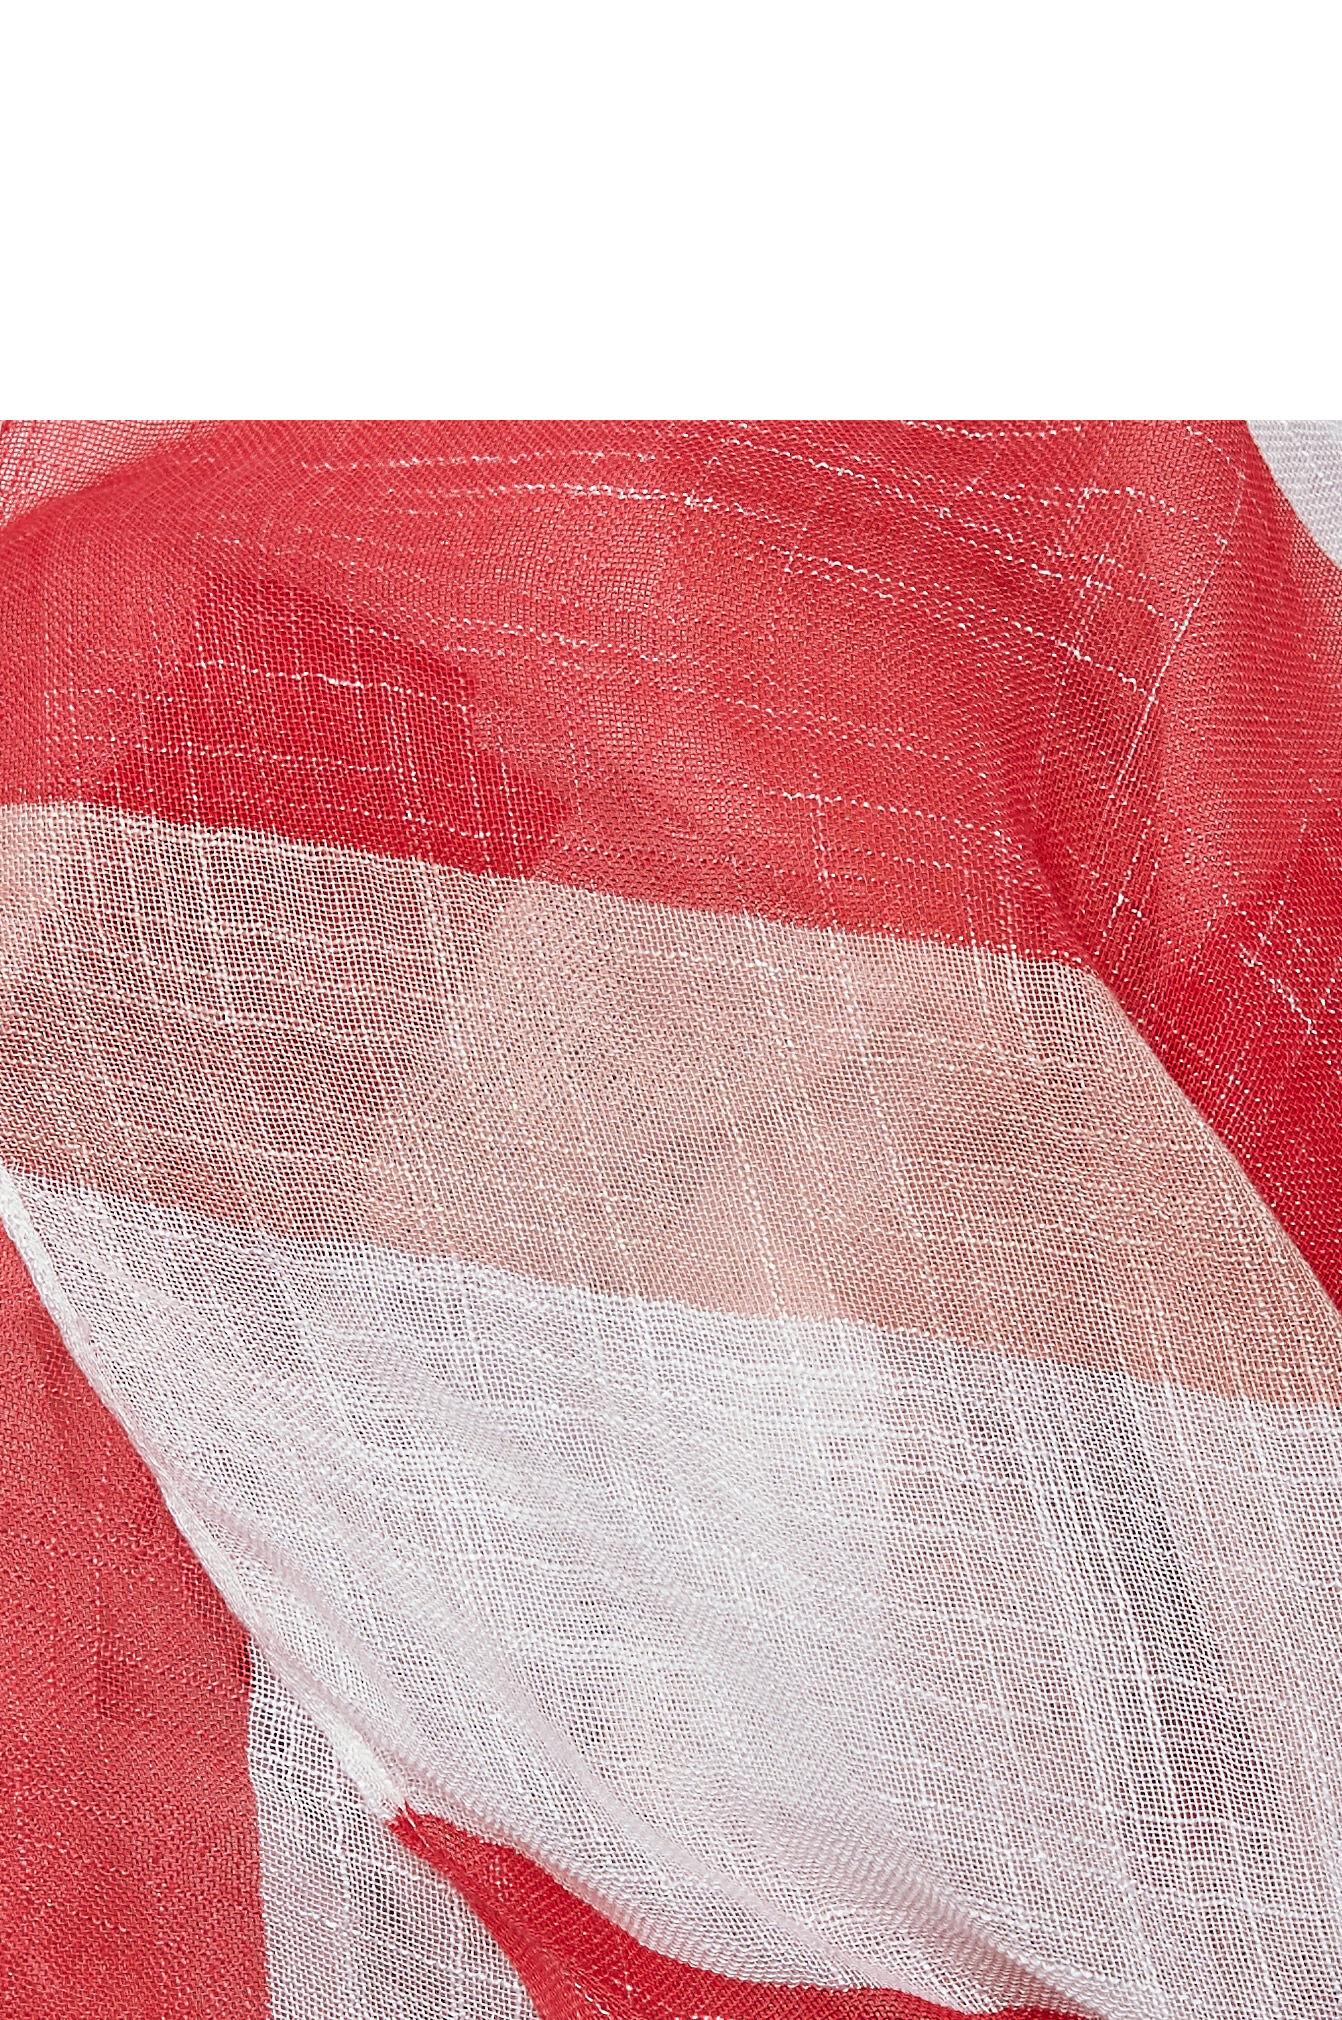 NEW-Sportscraft-WOMENS-Mimi-Stripe-Scarf-Scarves-Wraps